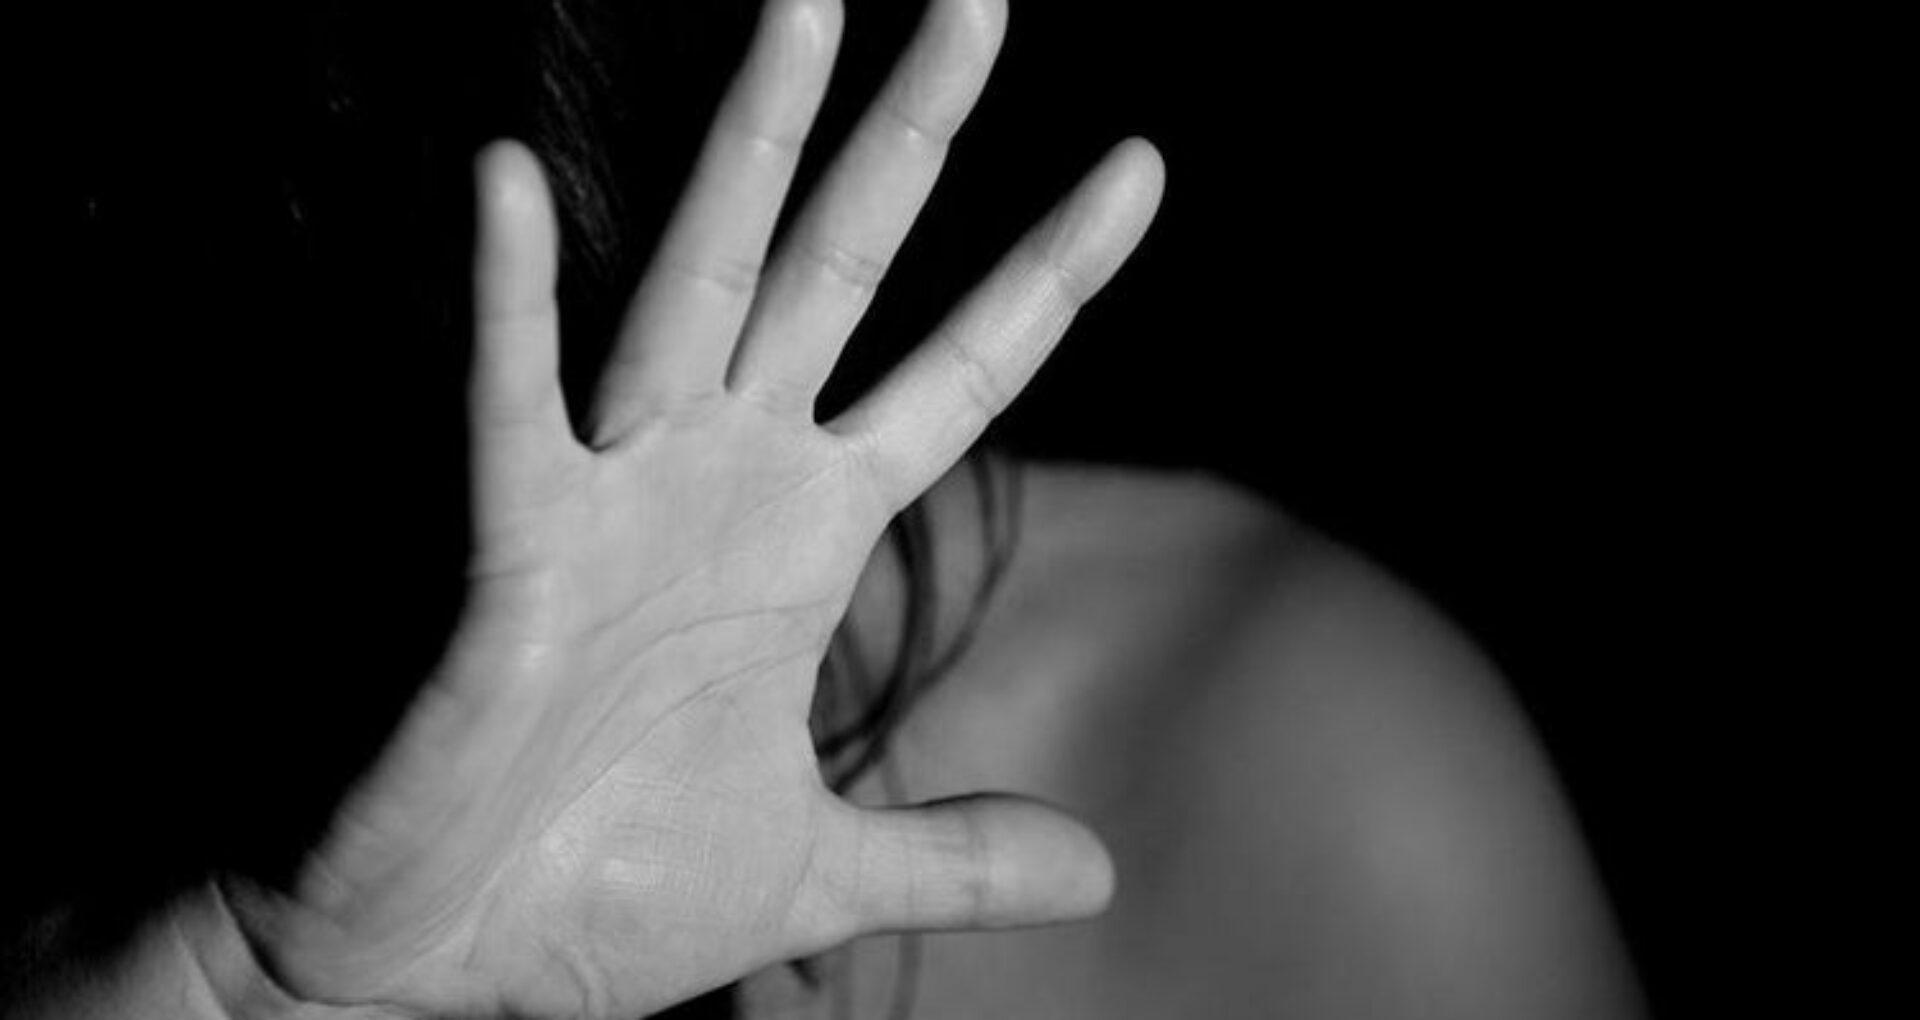 Cei trei minori învinuiți că și-au violat fosta colegă de clasă, trimiși în judecată. Ce pedeapsă riscă dacă vor fi găsiți vinovați